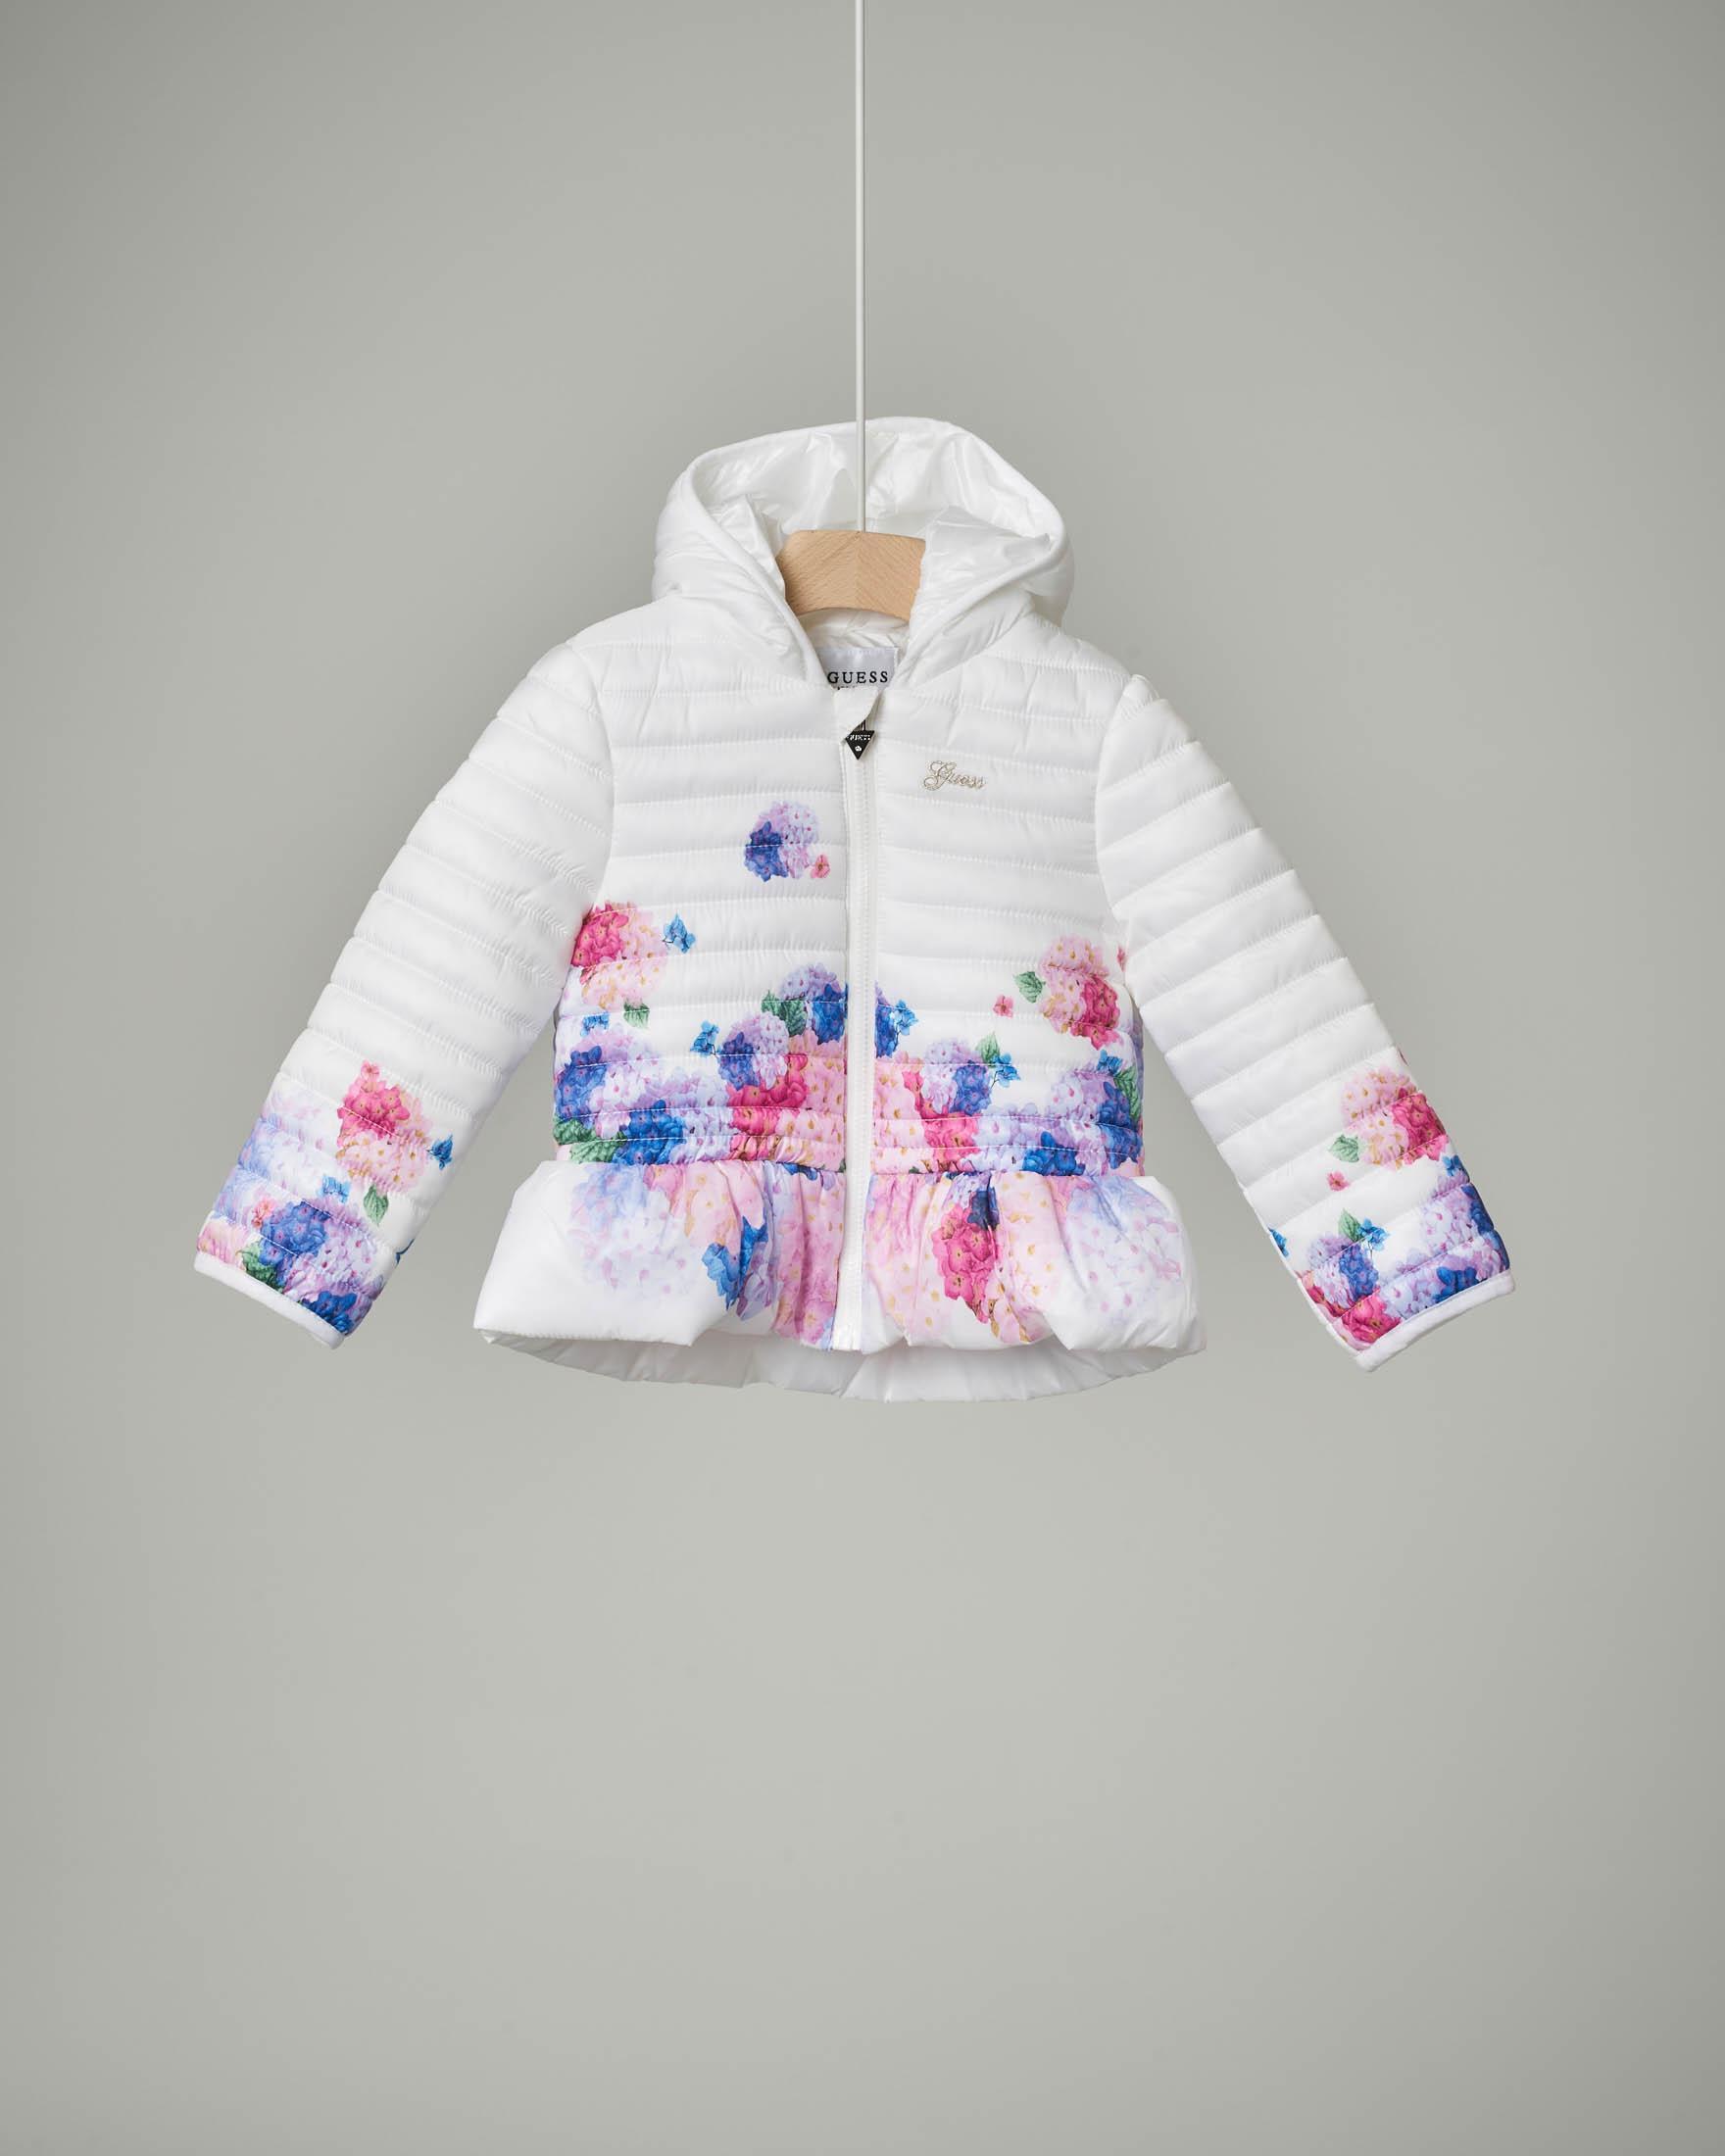 promo code fd37b b9f20 Moda Bambina: visita lo Shop Online | Pellizzari ...